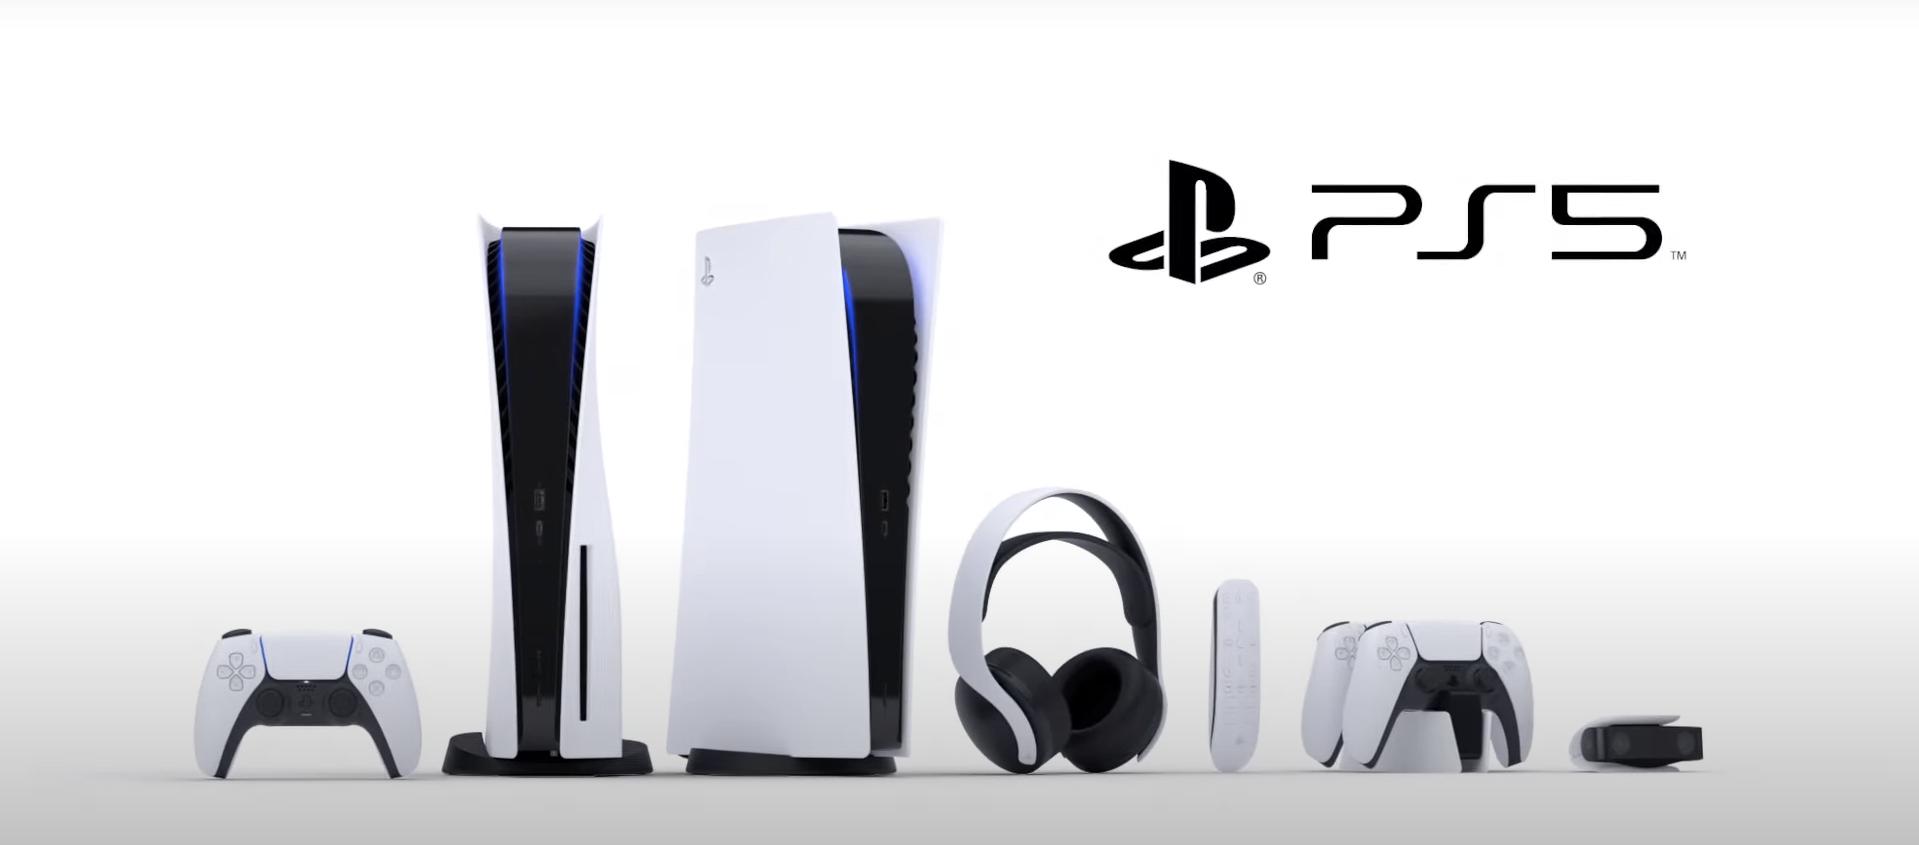 Sony показала PlayStation 5 в футуристичном дизайне и анонсировала игры для нее - фото 2